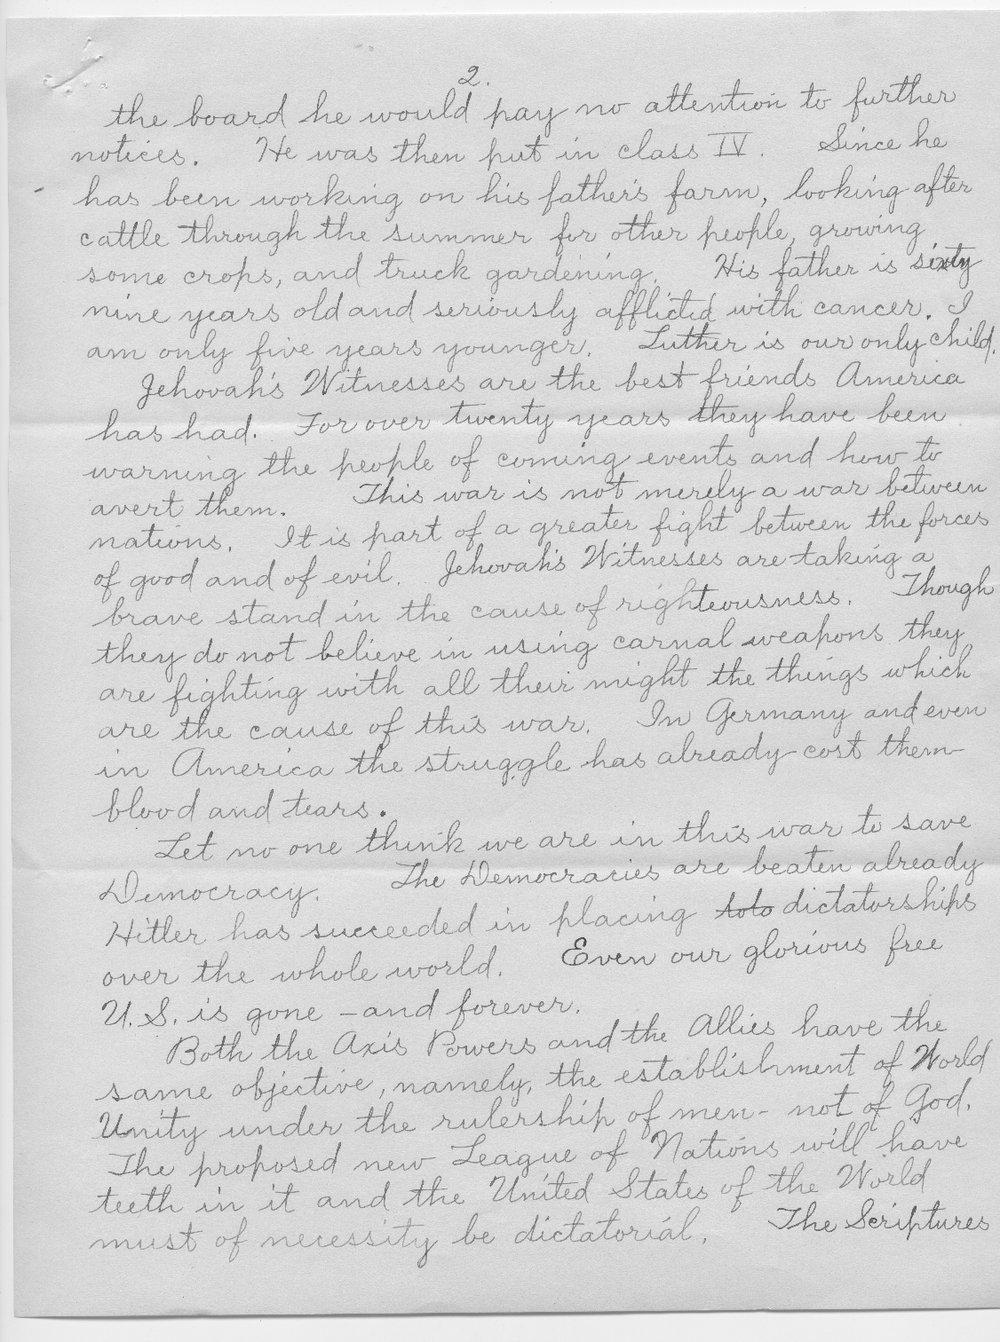 Anna M. Hogsett to Governor Payne Ratner - 2